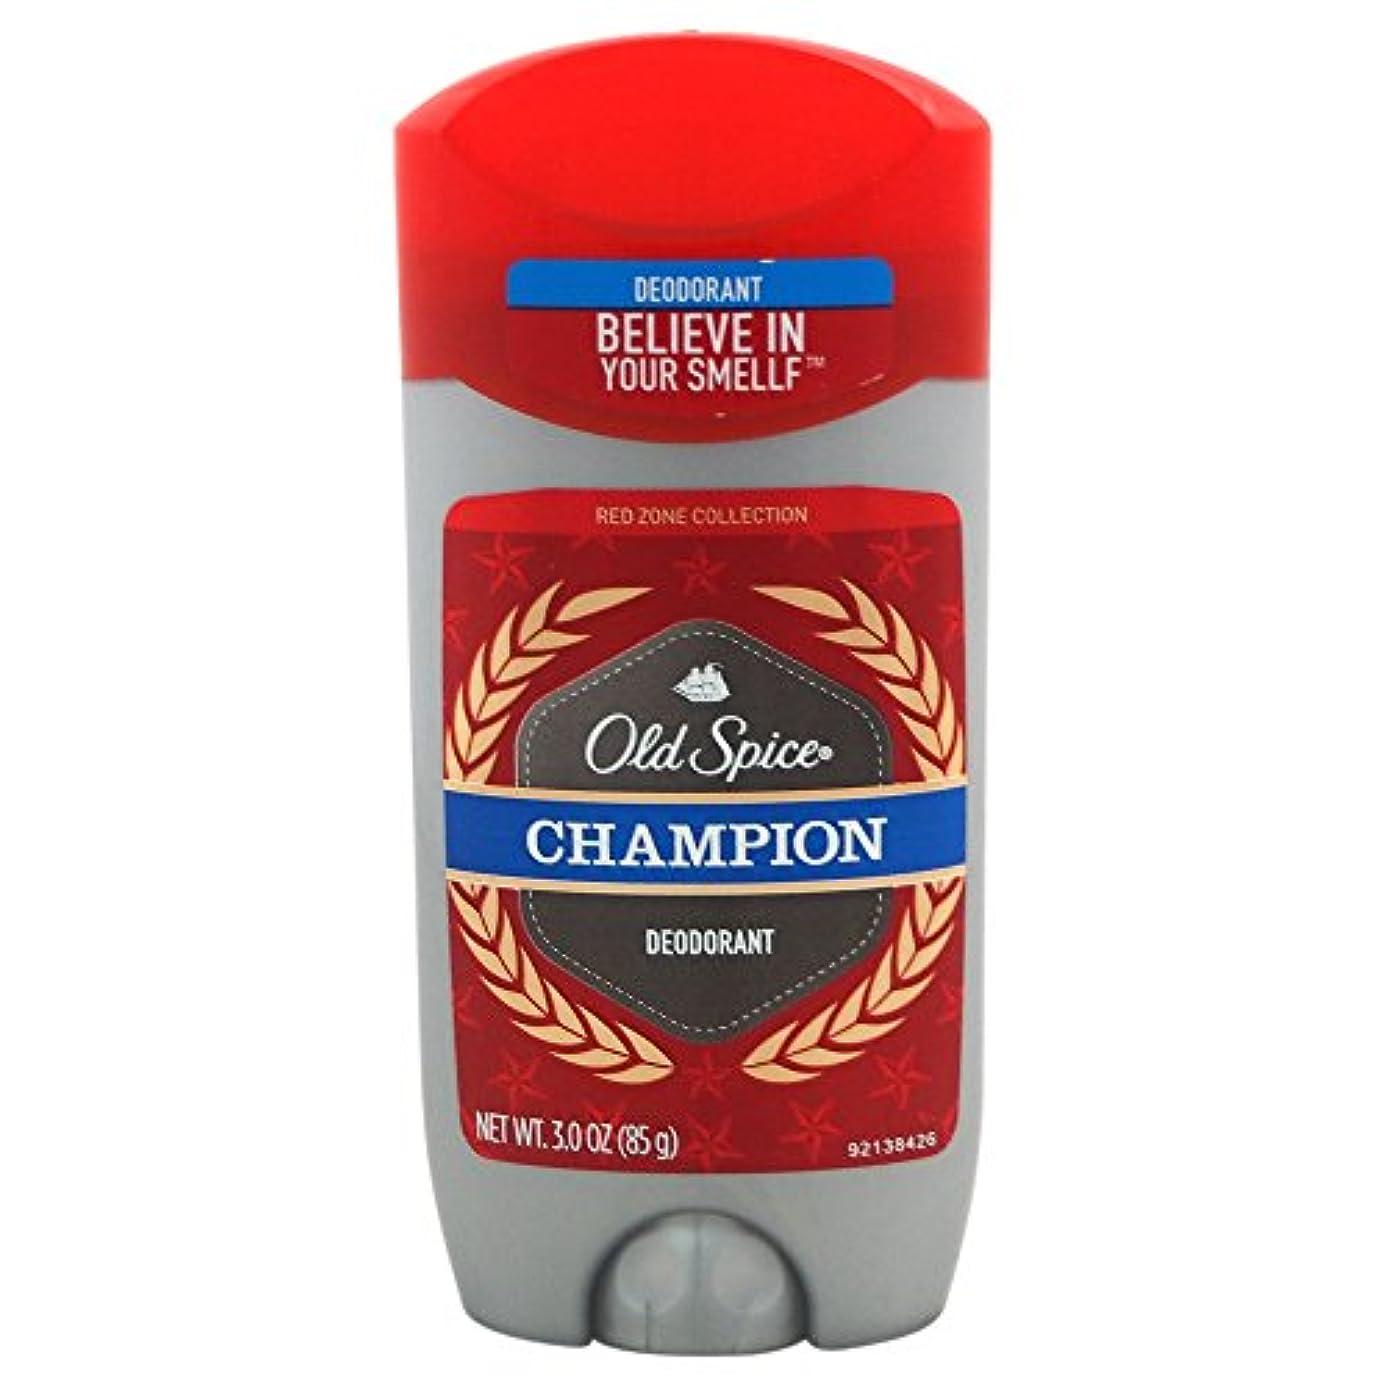 オールドスパイス(Old Spice) Deodorant デオドラント Red zone CHAMPION/チャンピョン 85g[並行輸入品]